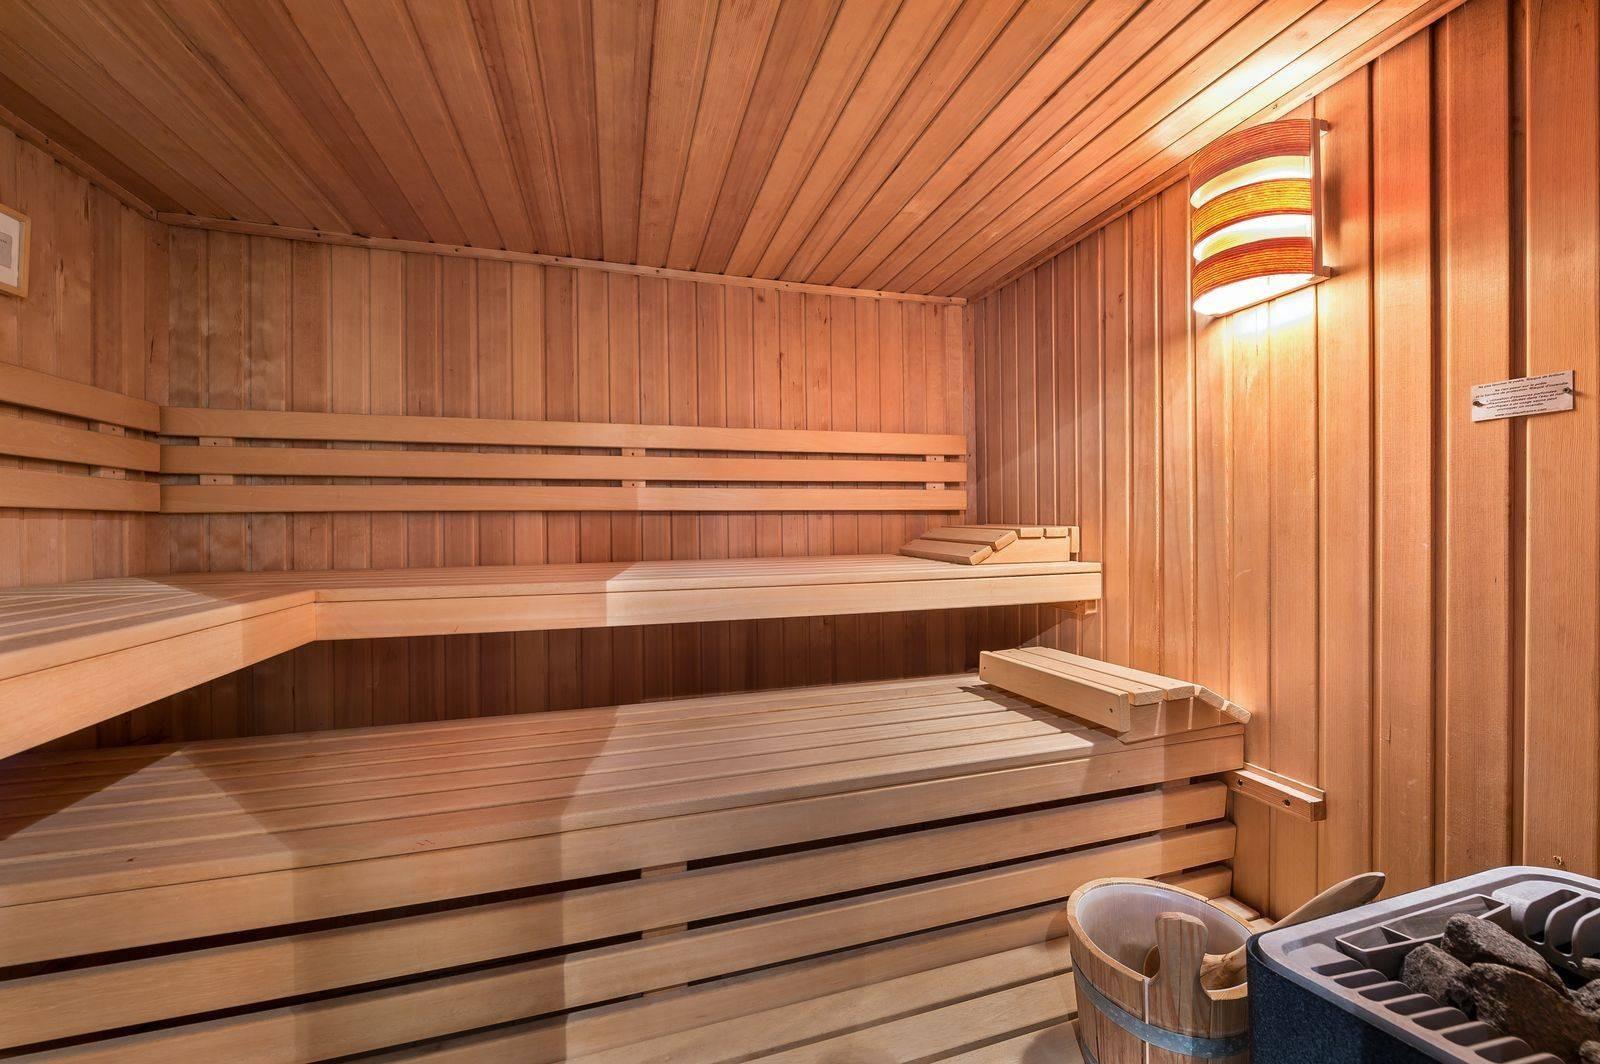 Courchevel 1850 Location Appartement Luxe Mereli Sauna